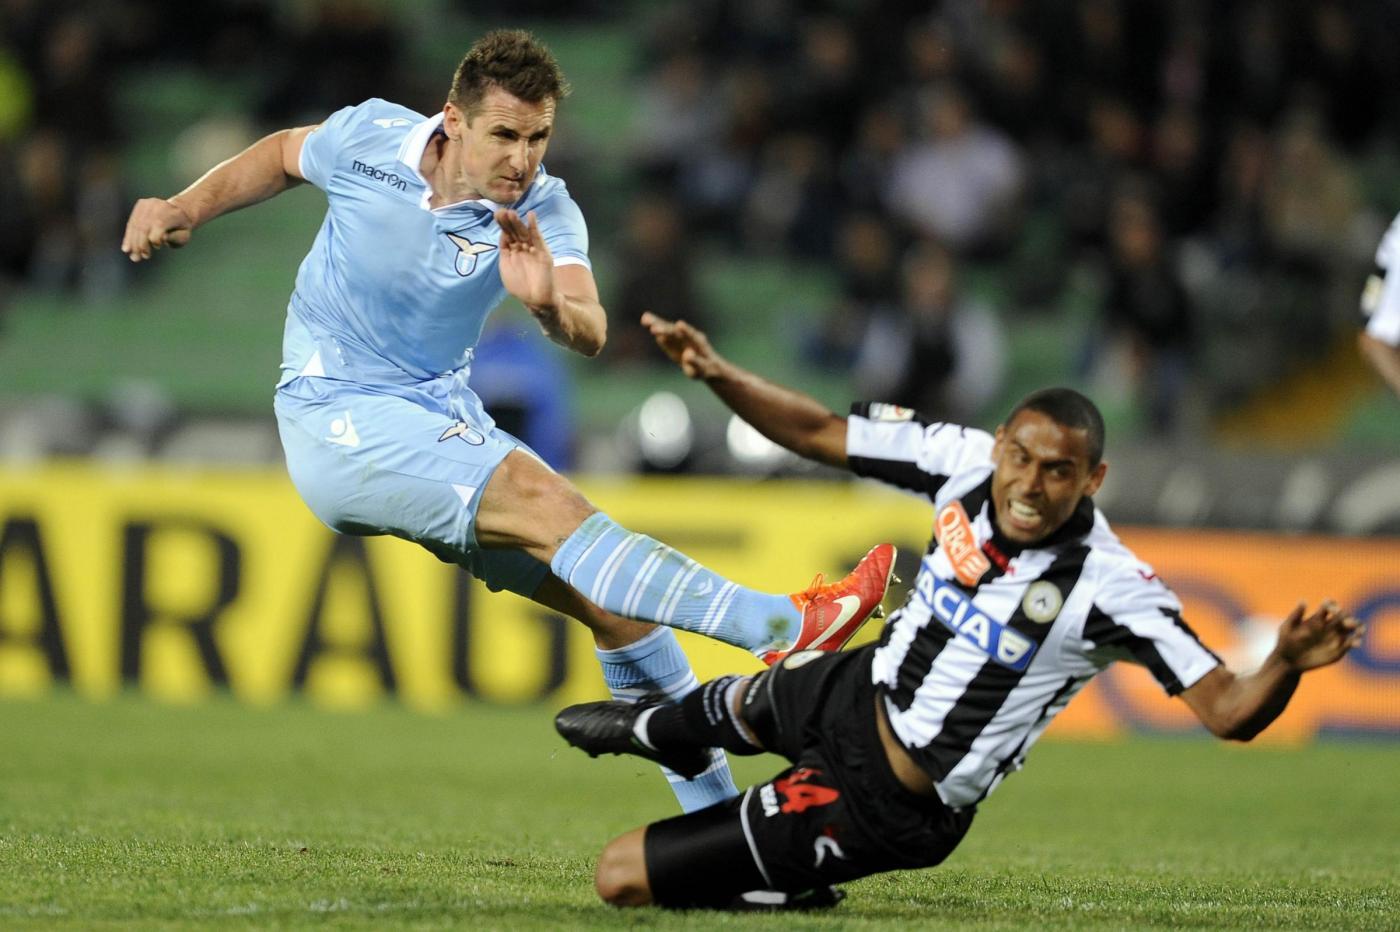 Udinese vs SS Lazio